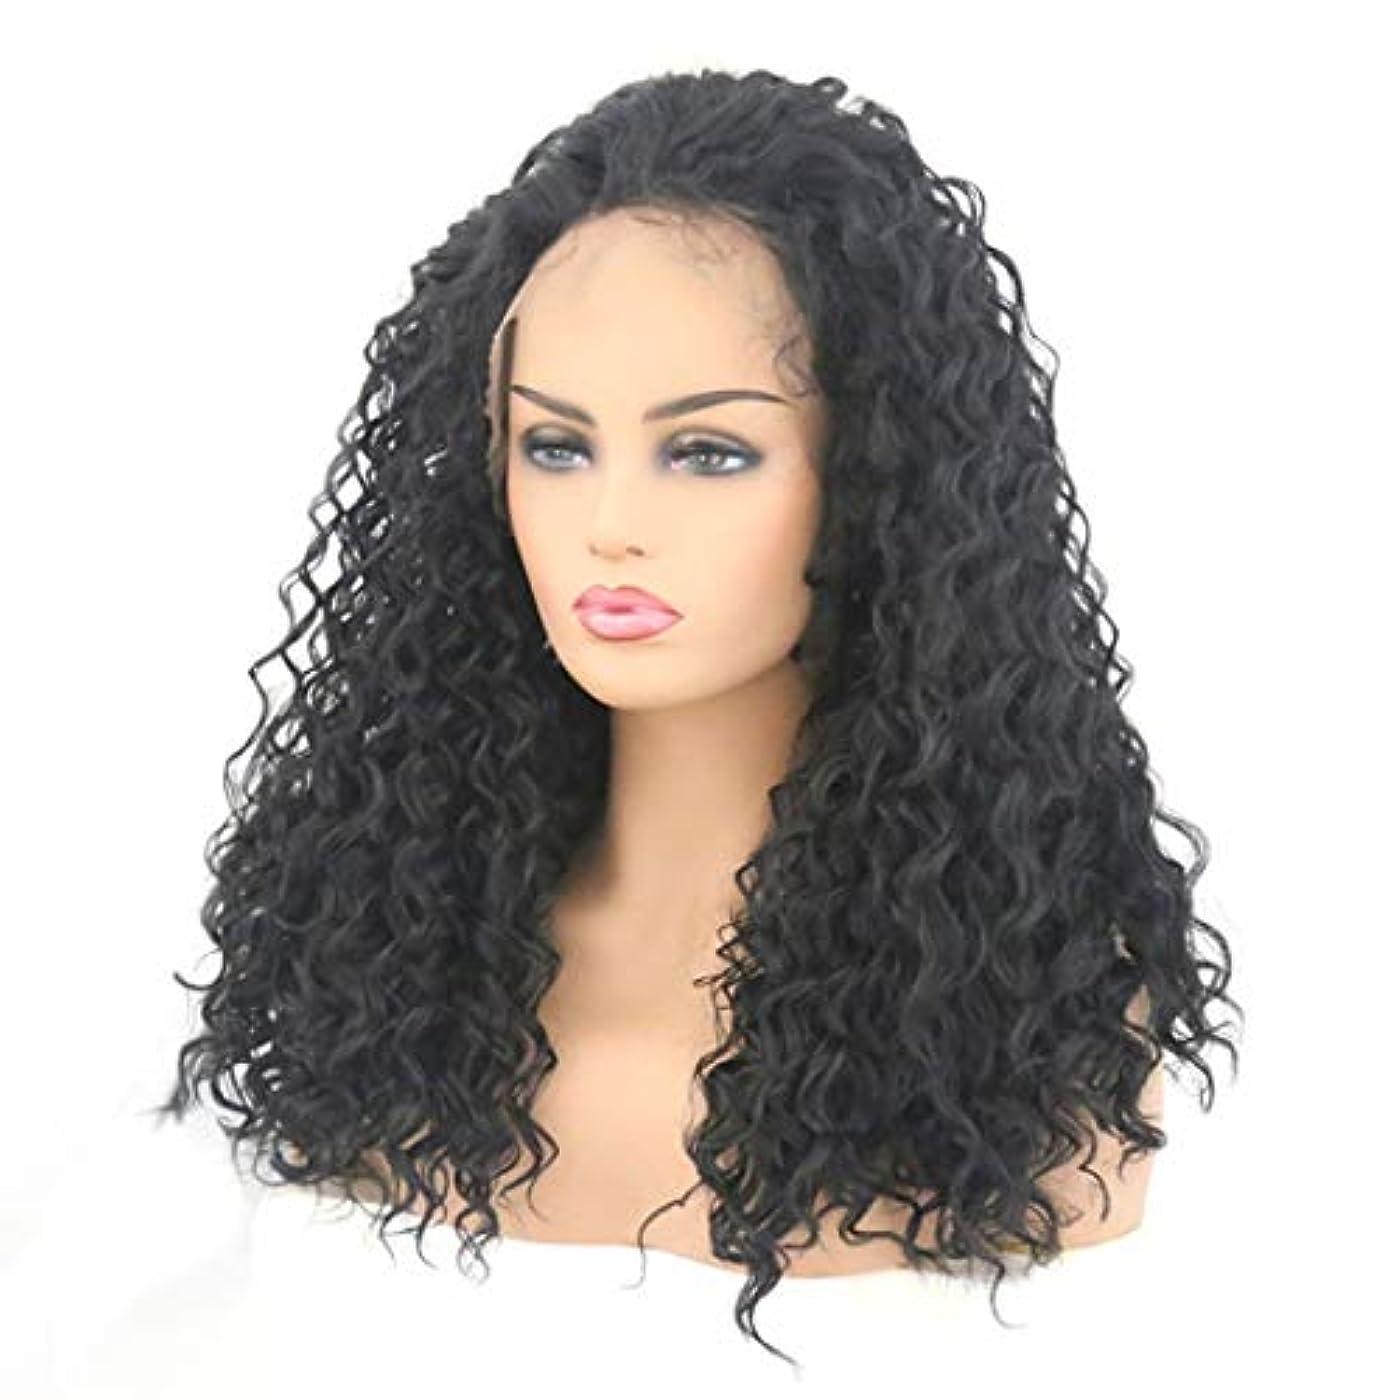 死傷者マイルド抽象化Kerwinner 女性のための黒の小さな巻き毛の長い巻き毛のフロントレース高温シルク